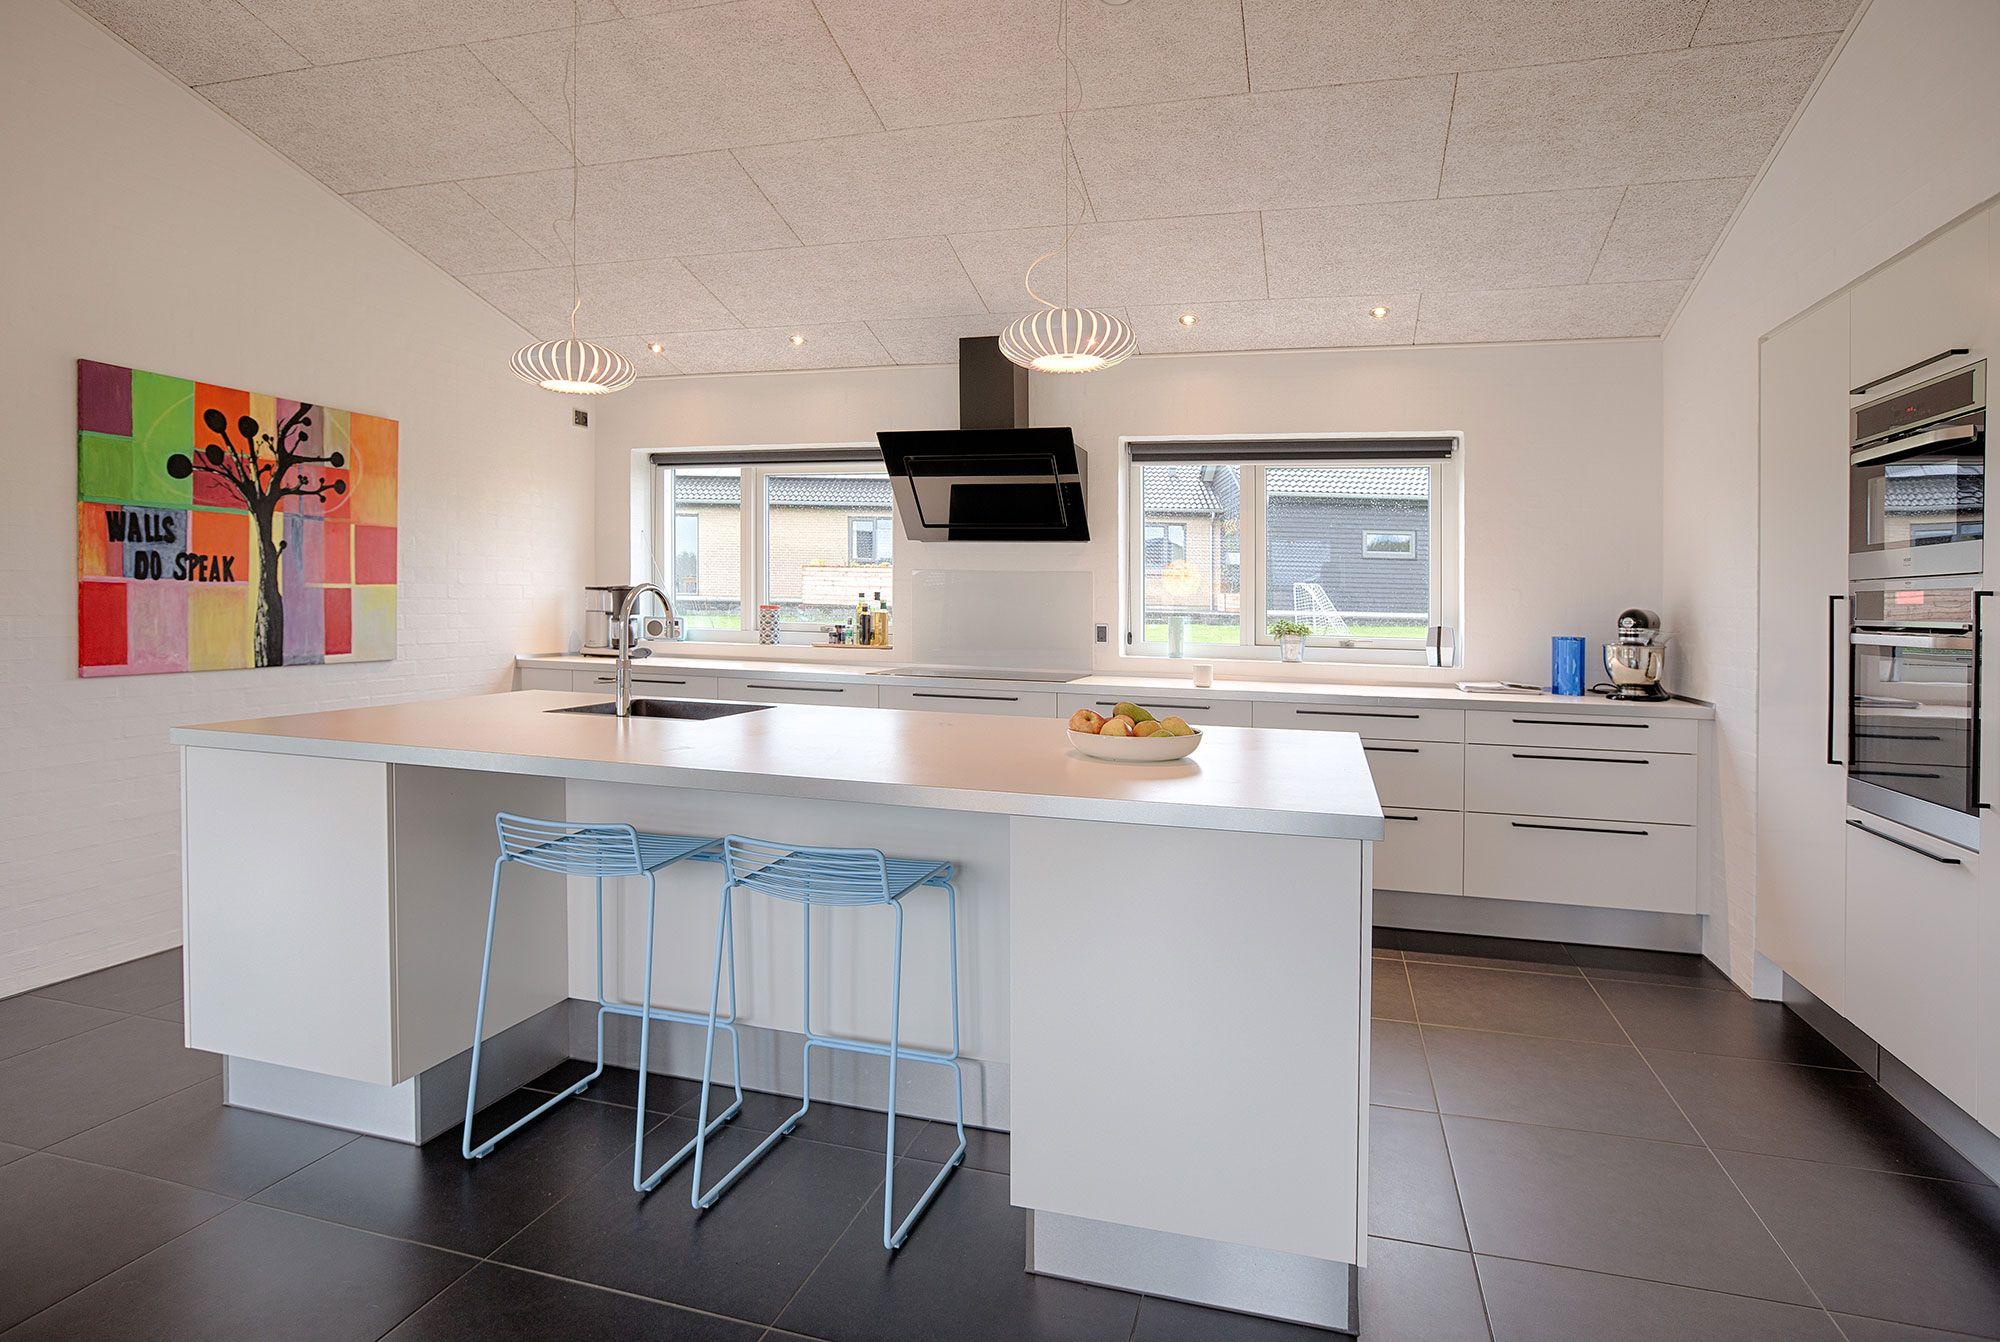 køkken alrum indretning Billedresultat for køkken alrum | My Style | Pinterest | Køkken  køkken alrum indretning